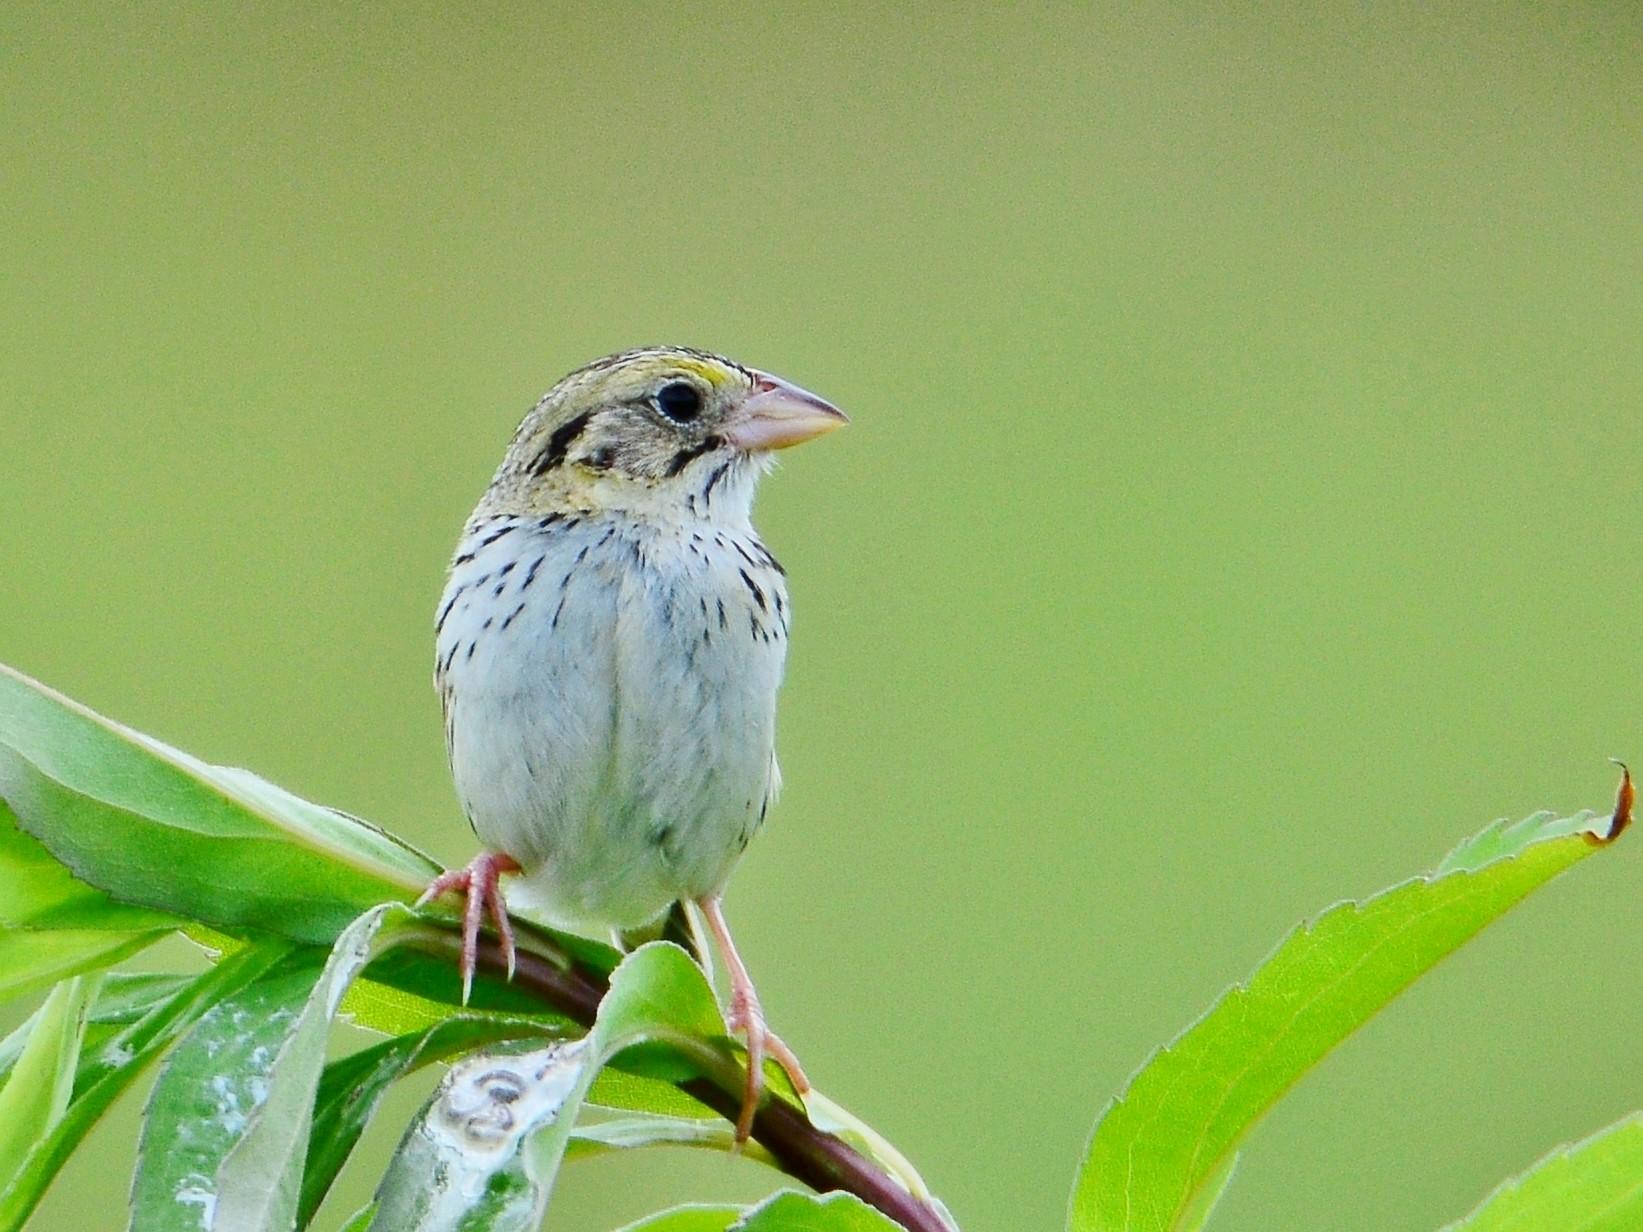 Henslow's Sparrow - Peter Nichols